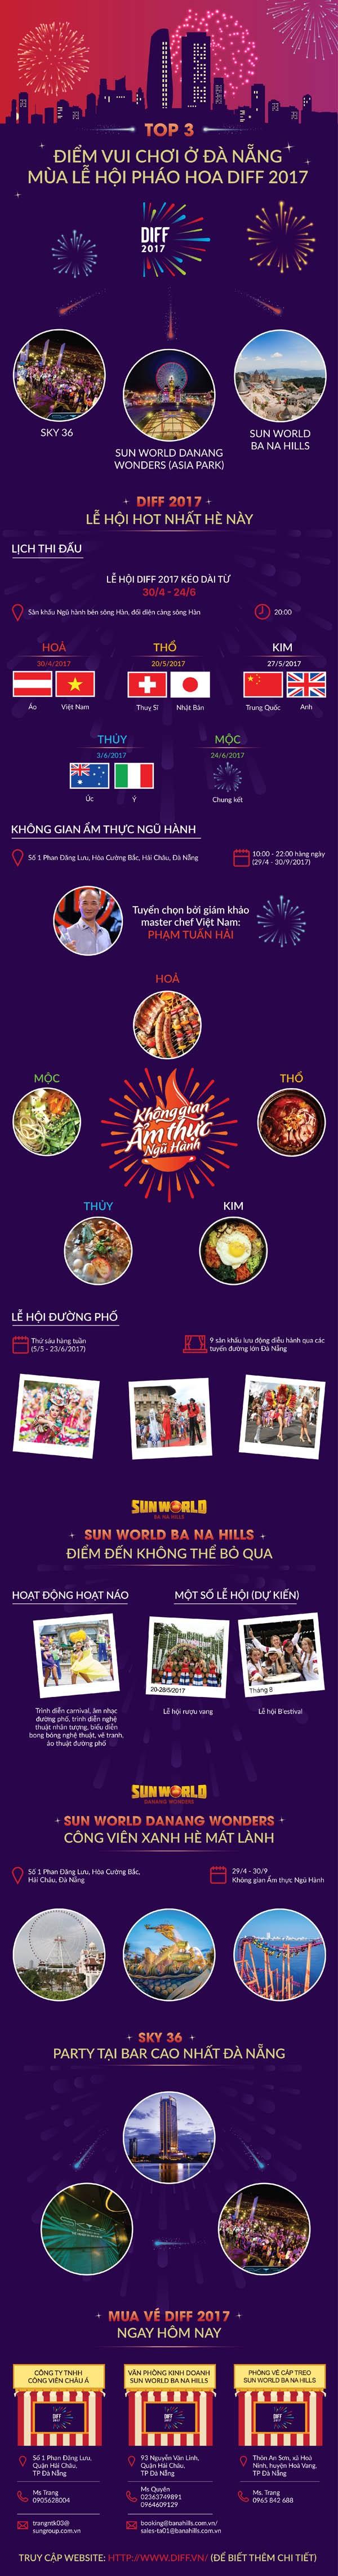 3 điểm vui chơi cực chất trong mùa lễ hội pháo hoa Đà Nẵng hè 2017 - ảnh 1